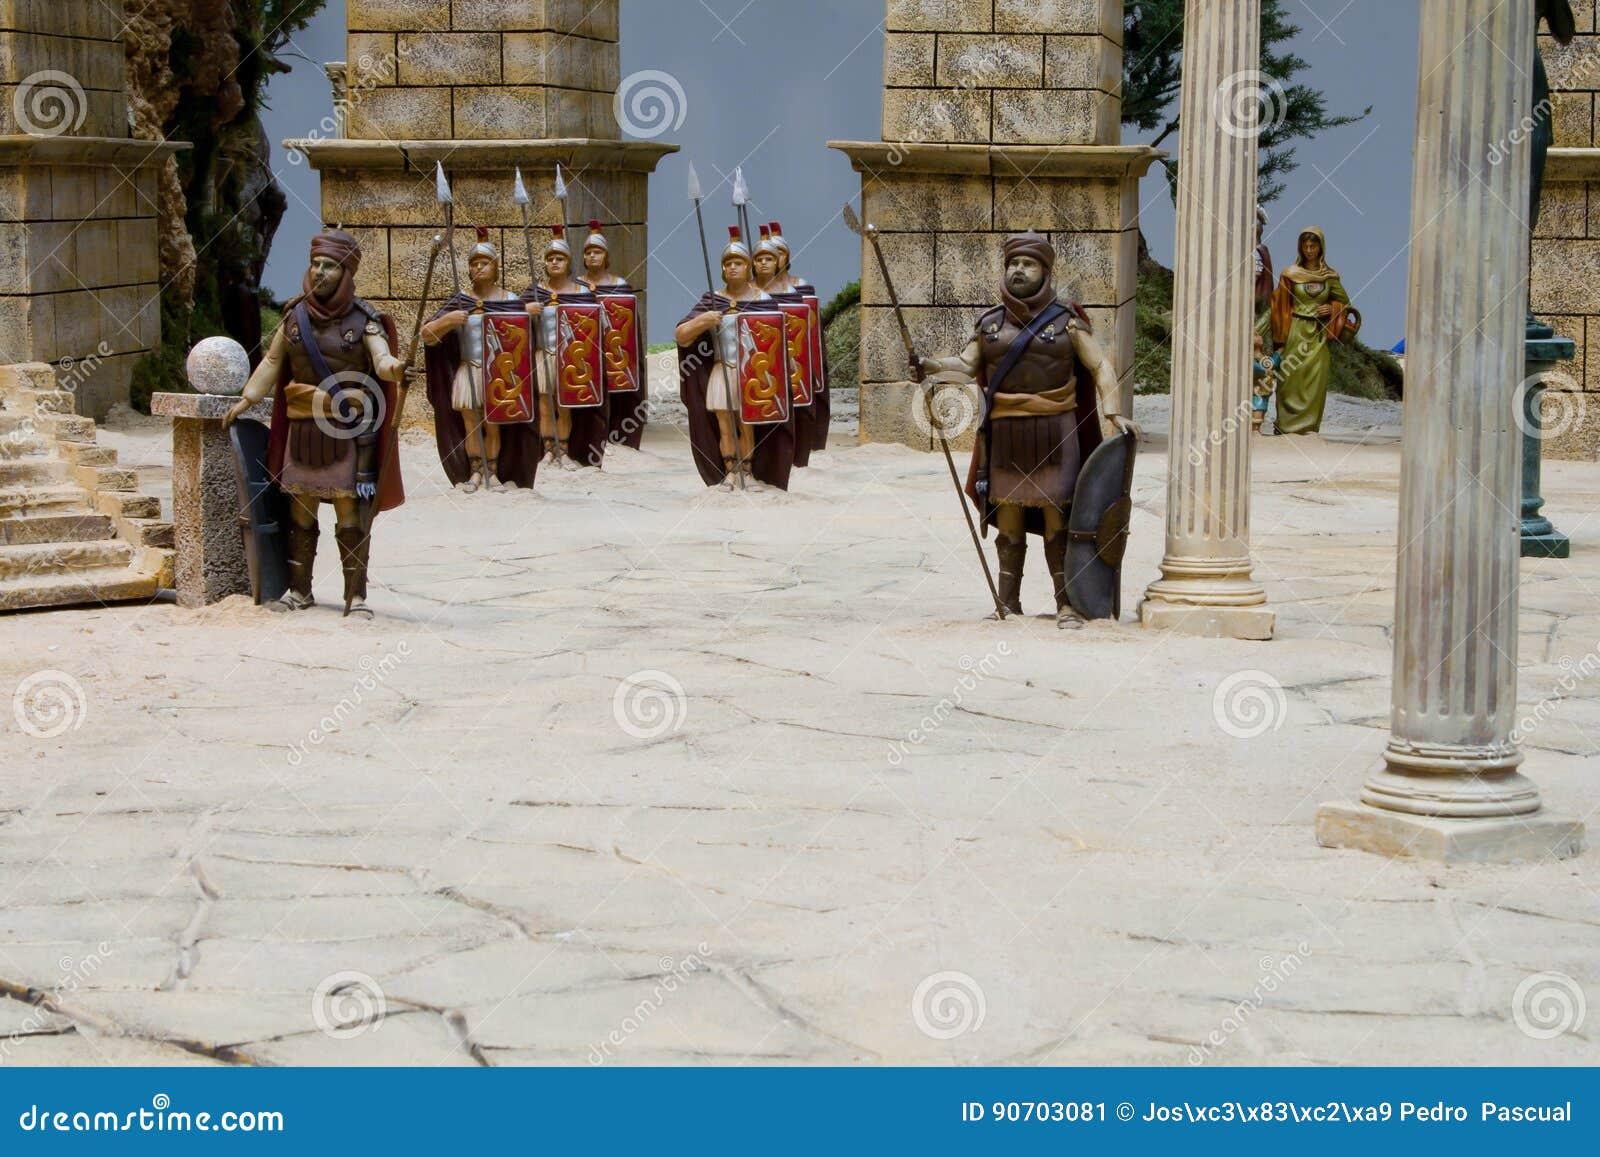 Receration romain d armée dans une scène de nativité